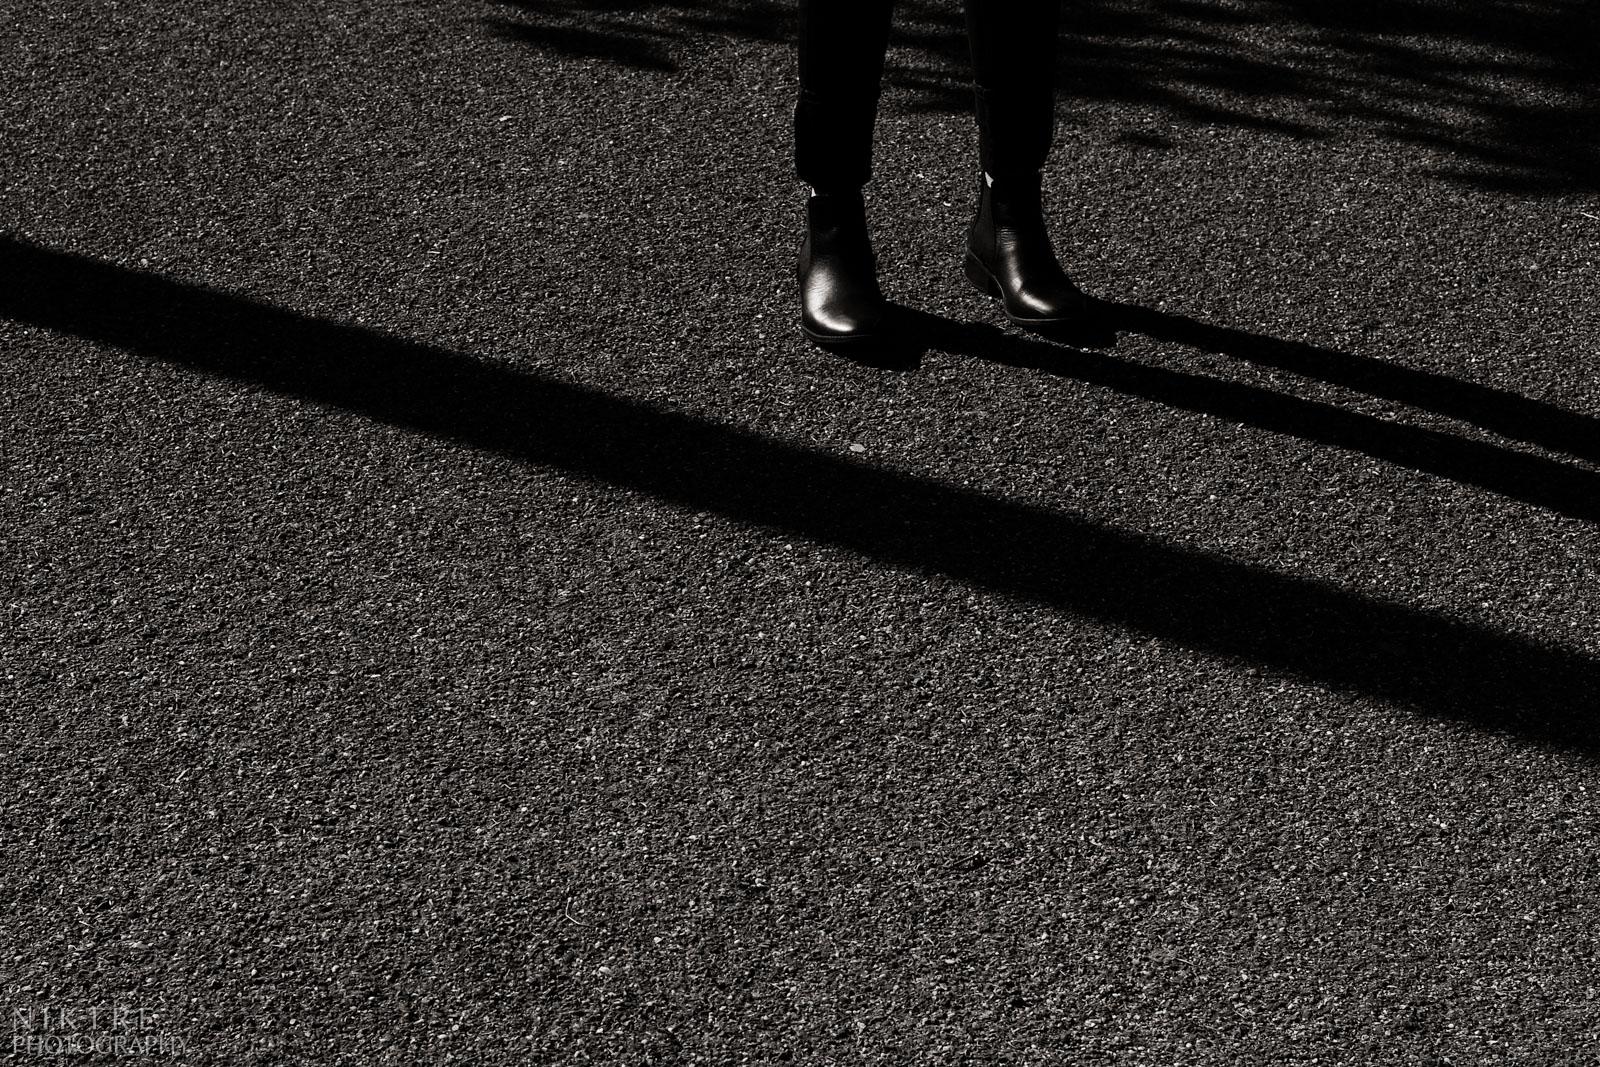 Stiefel von einer Frau und die Schatten